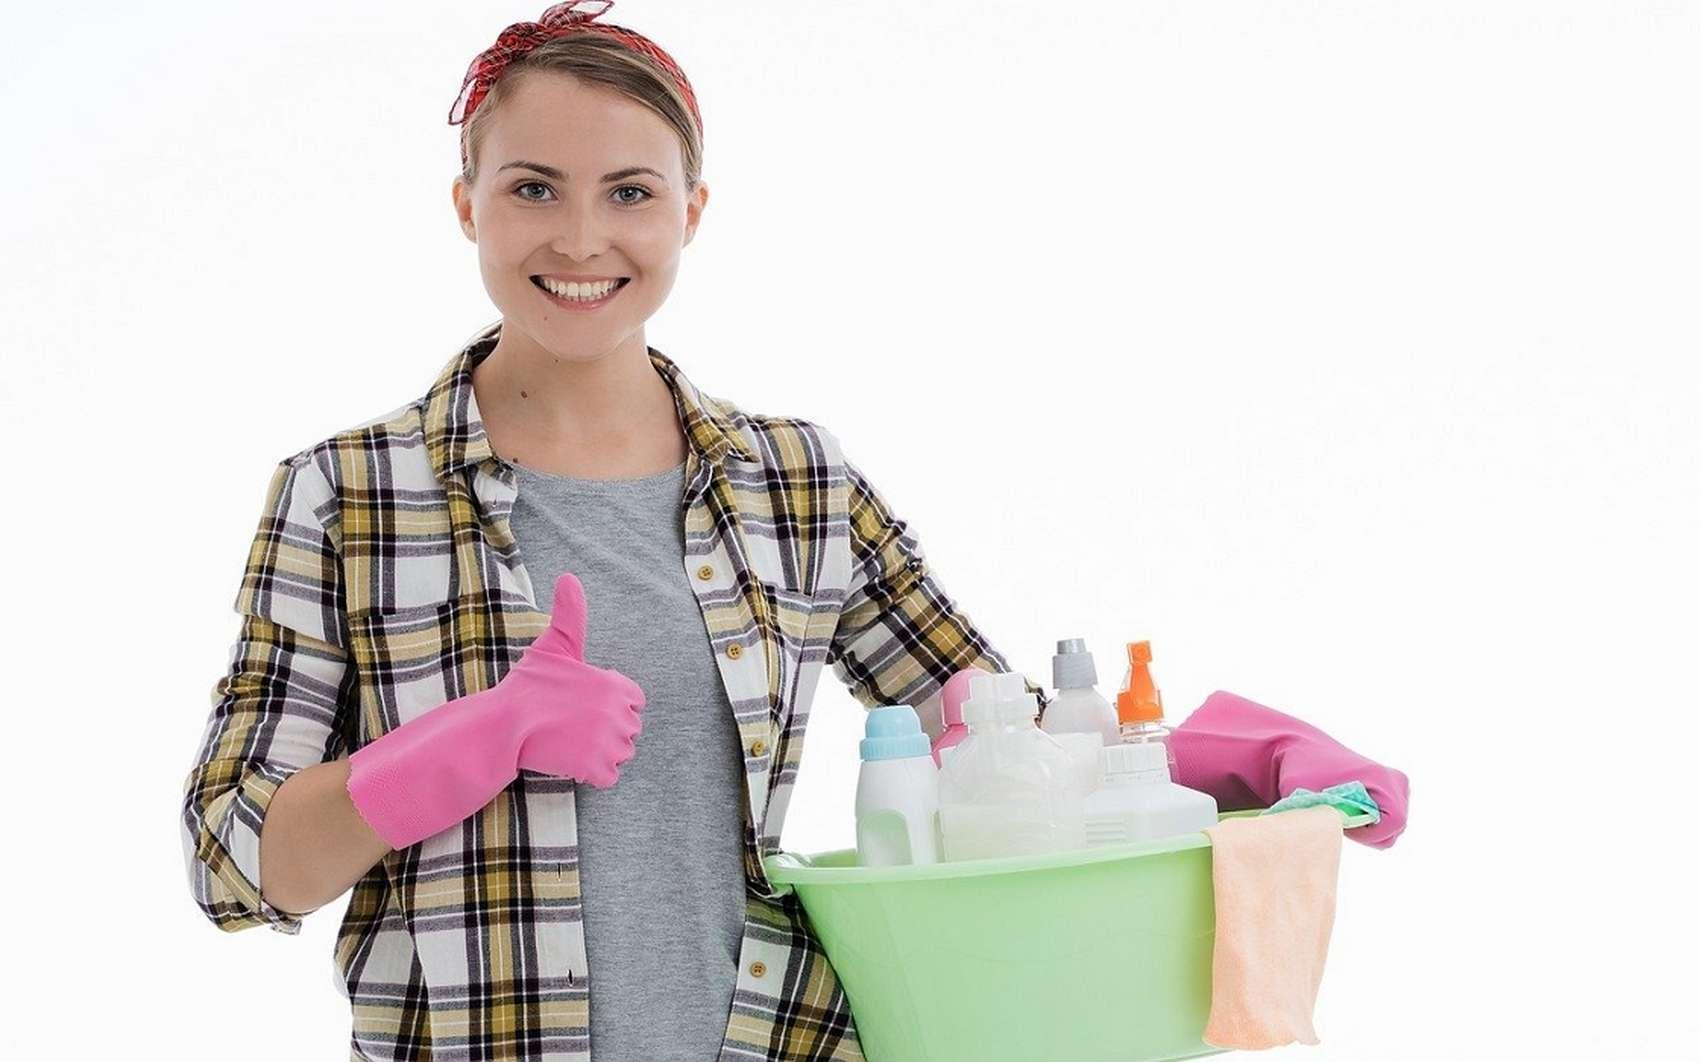 Le bicarbonate de soude est l'allié écologique indispensable de la maison © Pixabay